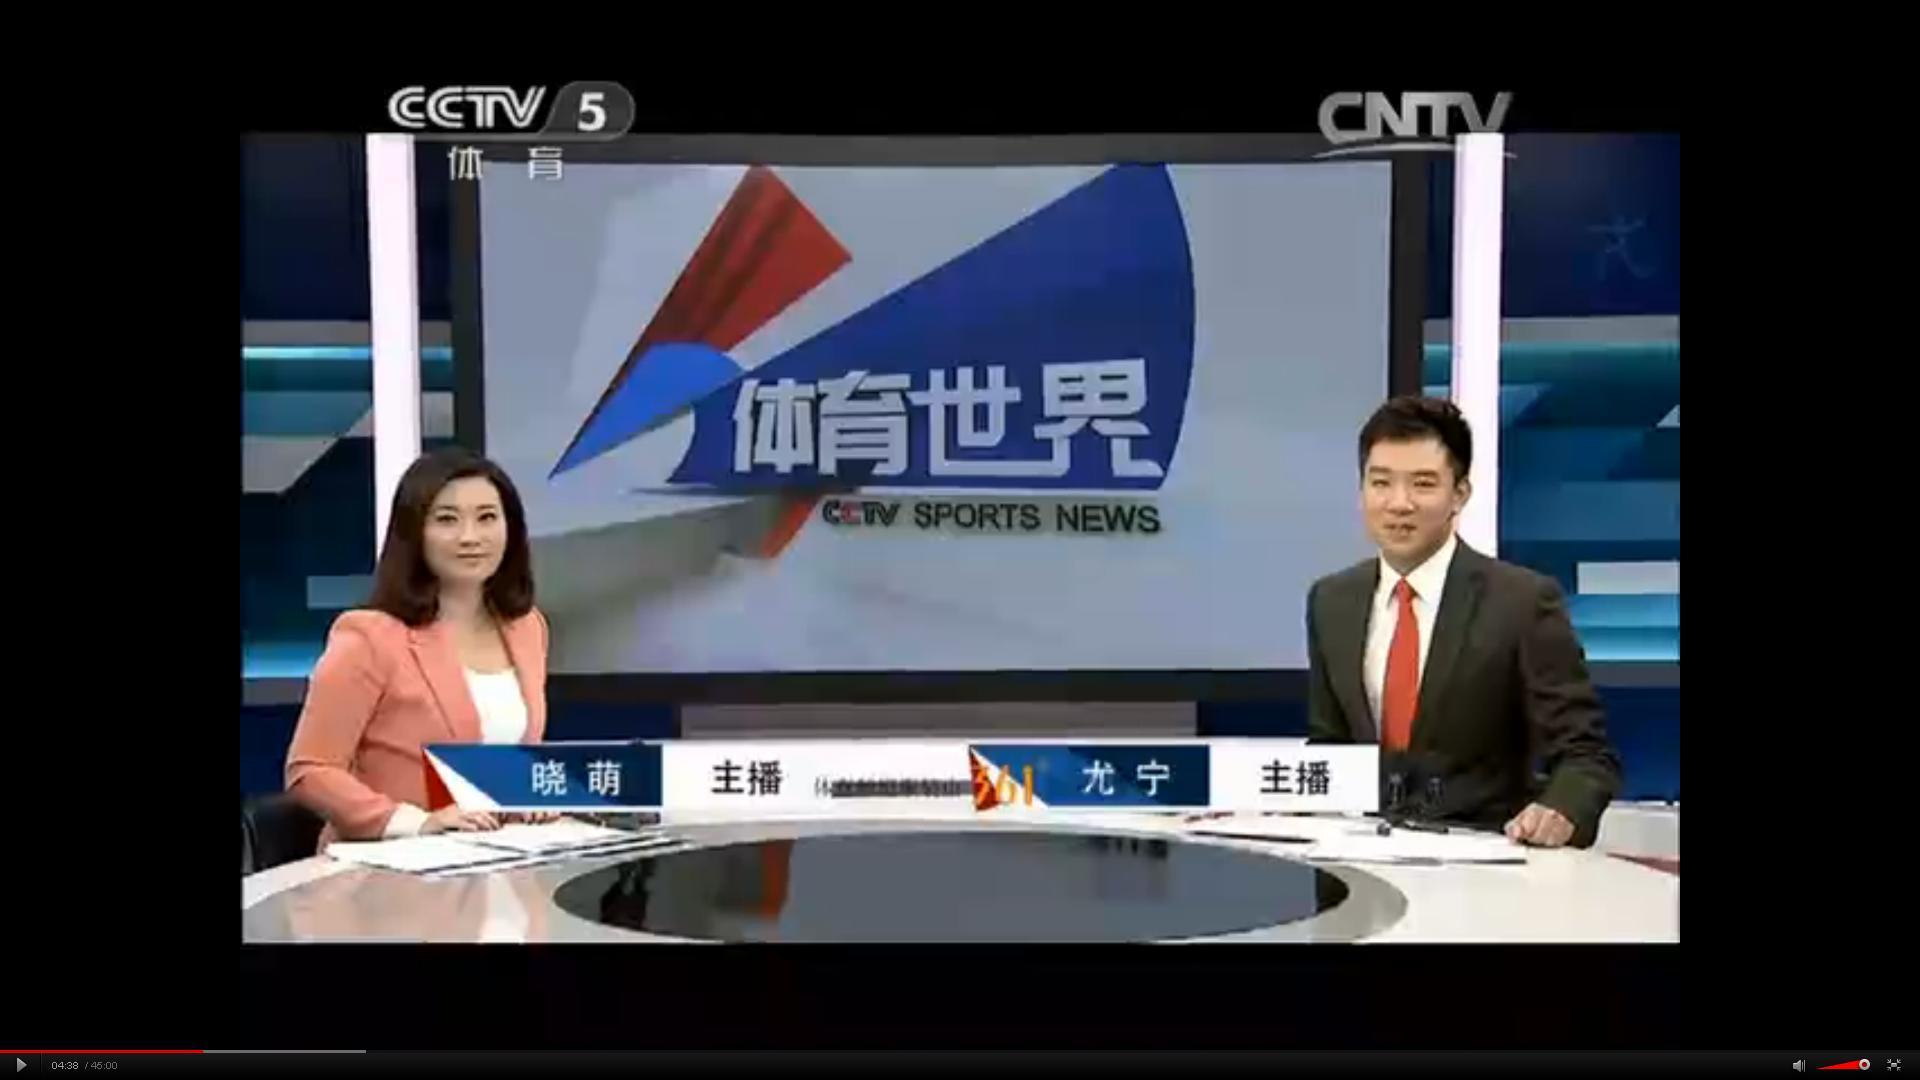 最近電視上cctv5播放的一個nba的廣告,有首英文背景圖片